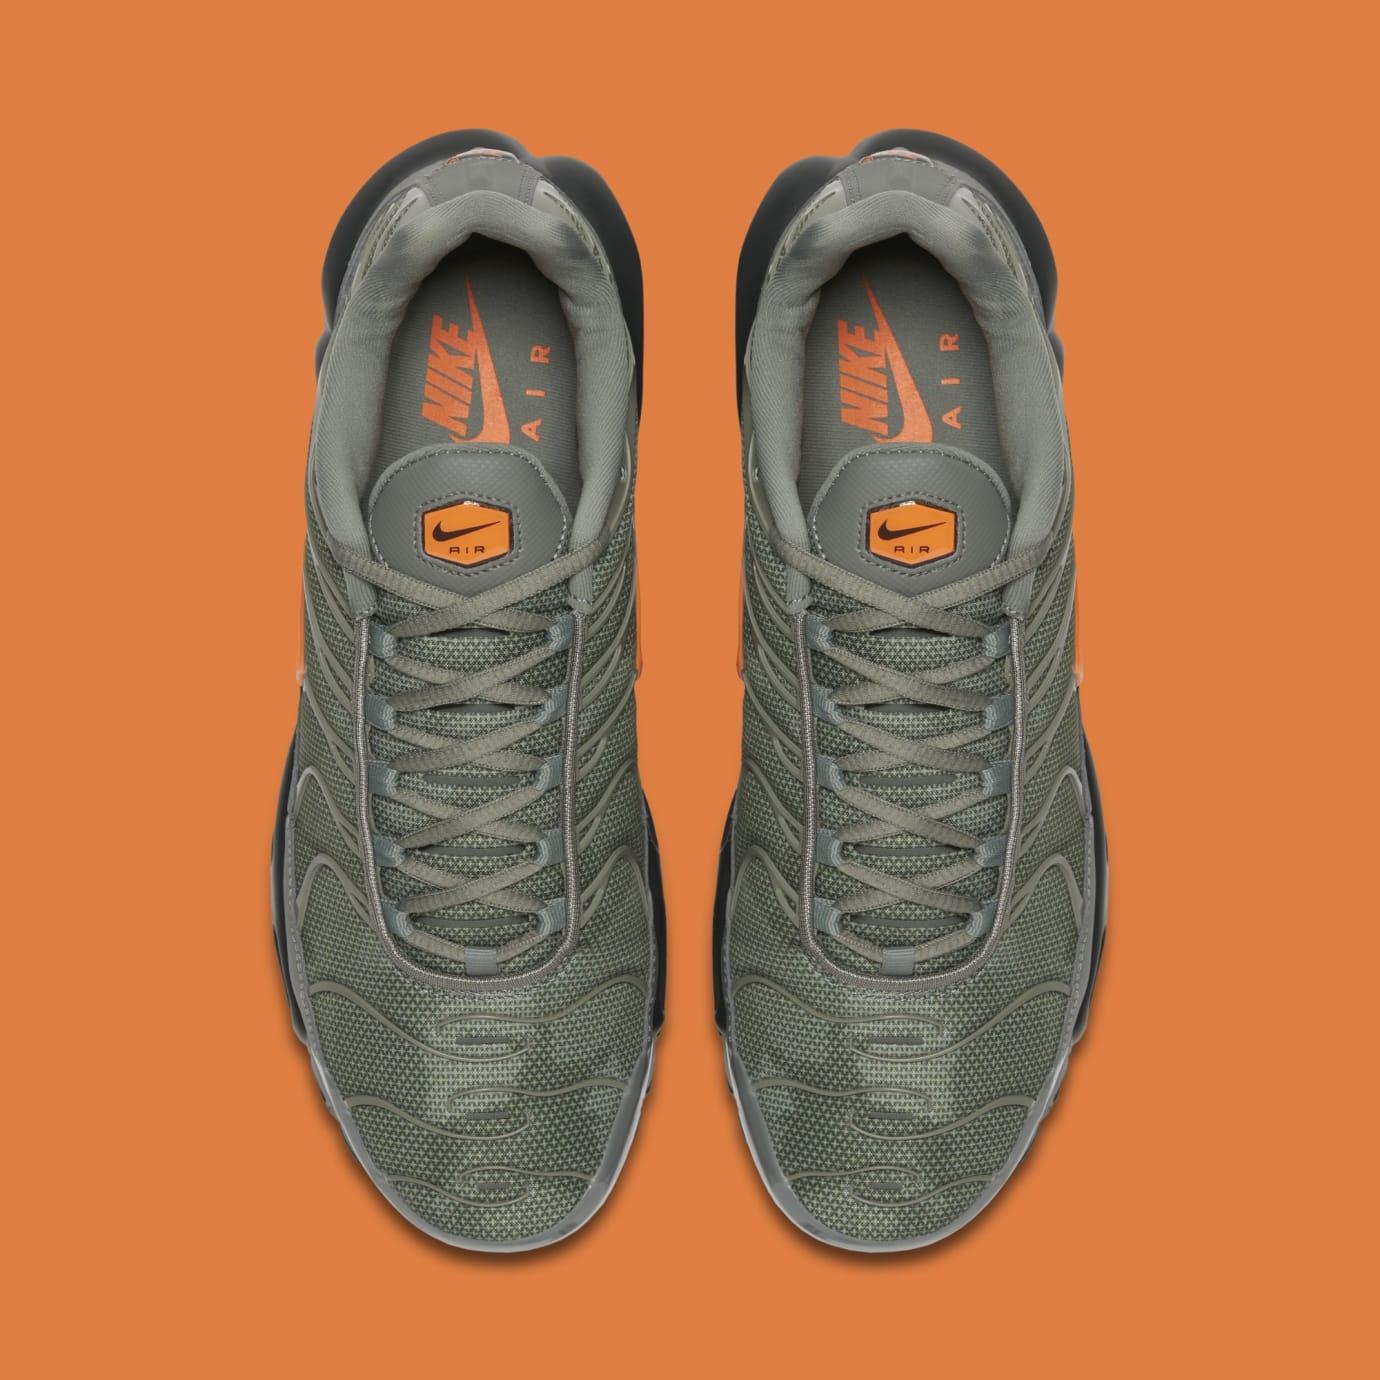 Nike Air Max Plus 'Dark Stucco/Total Orange' AJ2013-003 (Top)